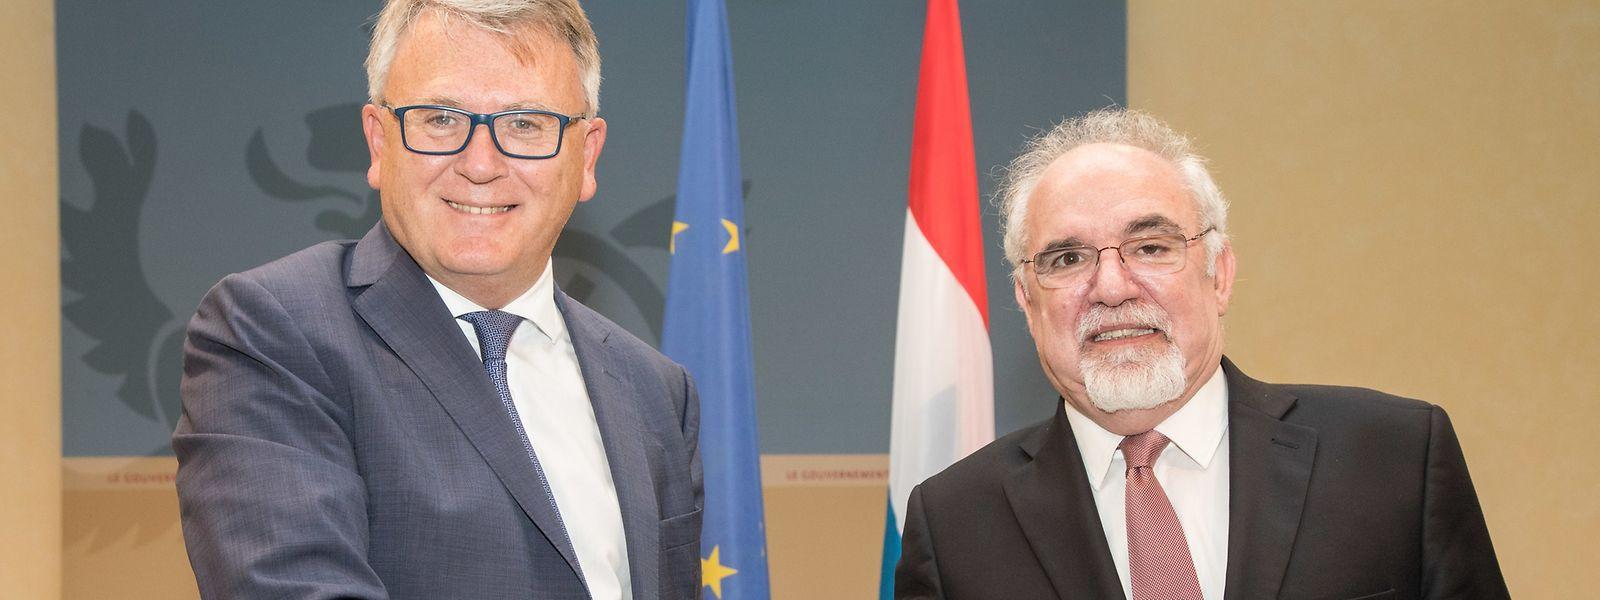 O acordo foi hoje assinado pelos ministros do Trabalho de Portugal e do Luxemburgo, Nicolas Schmit e Vieira da Silva (à dta)..